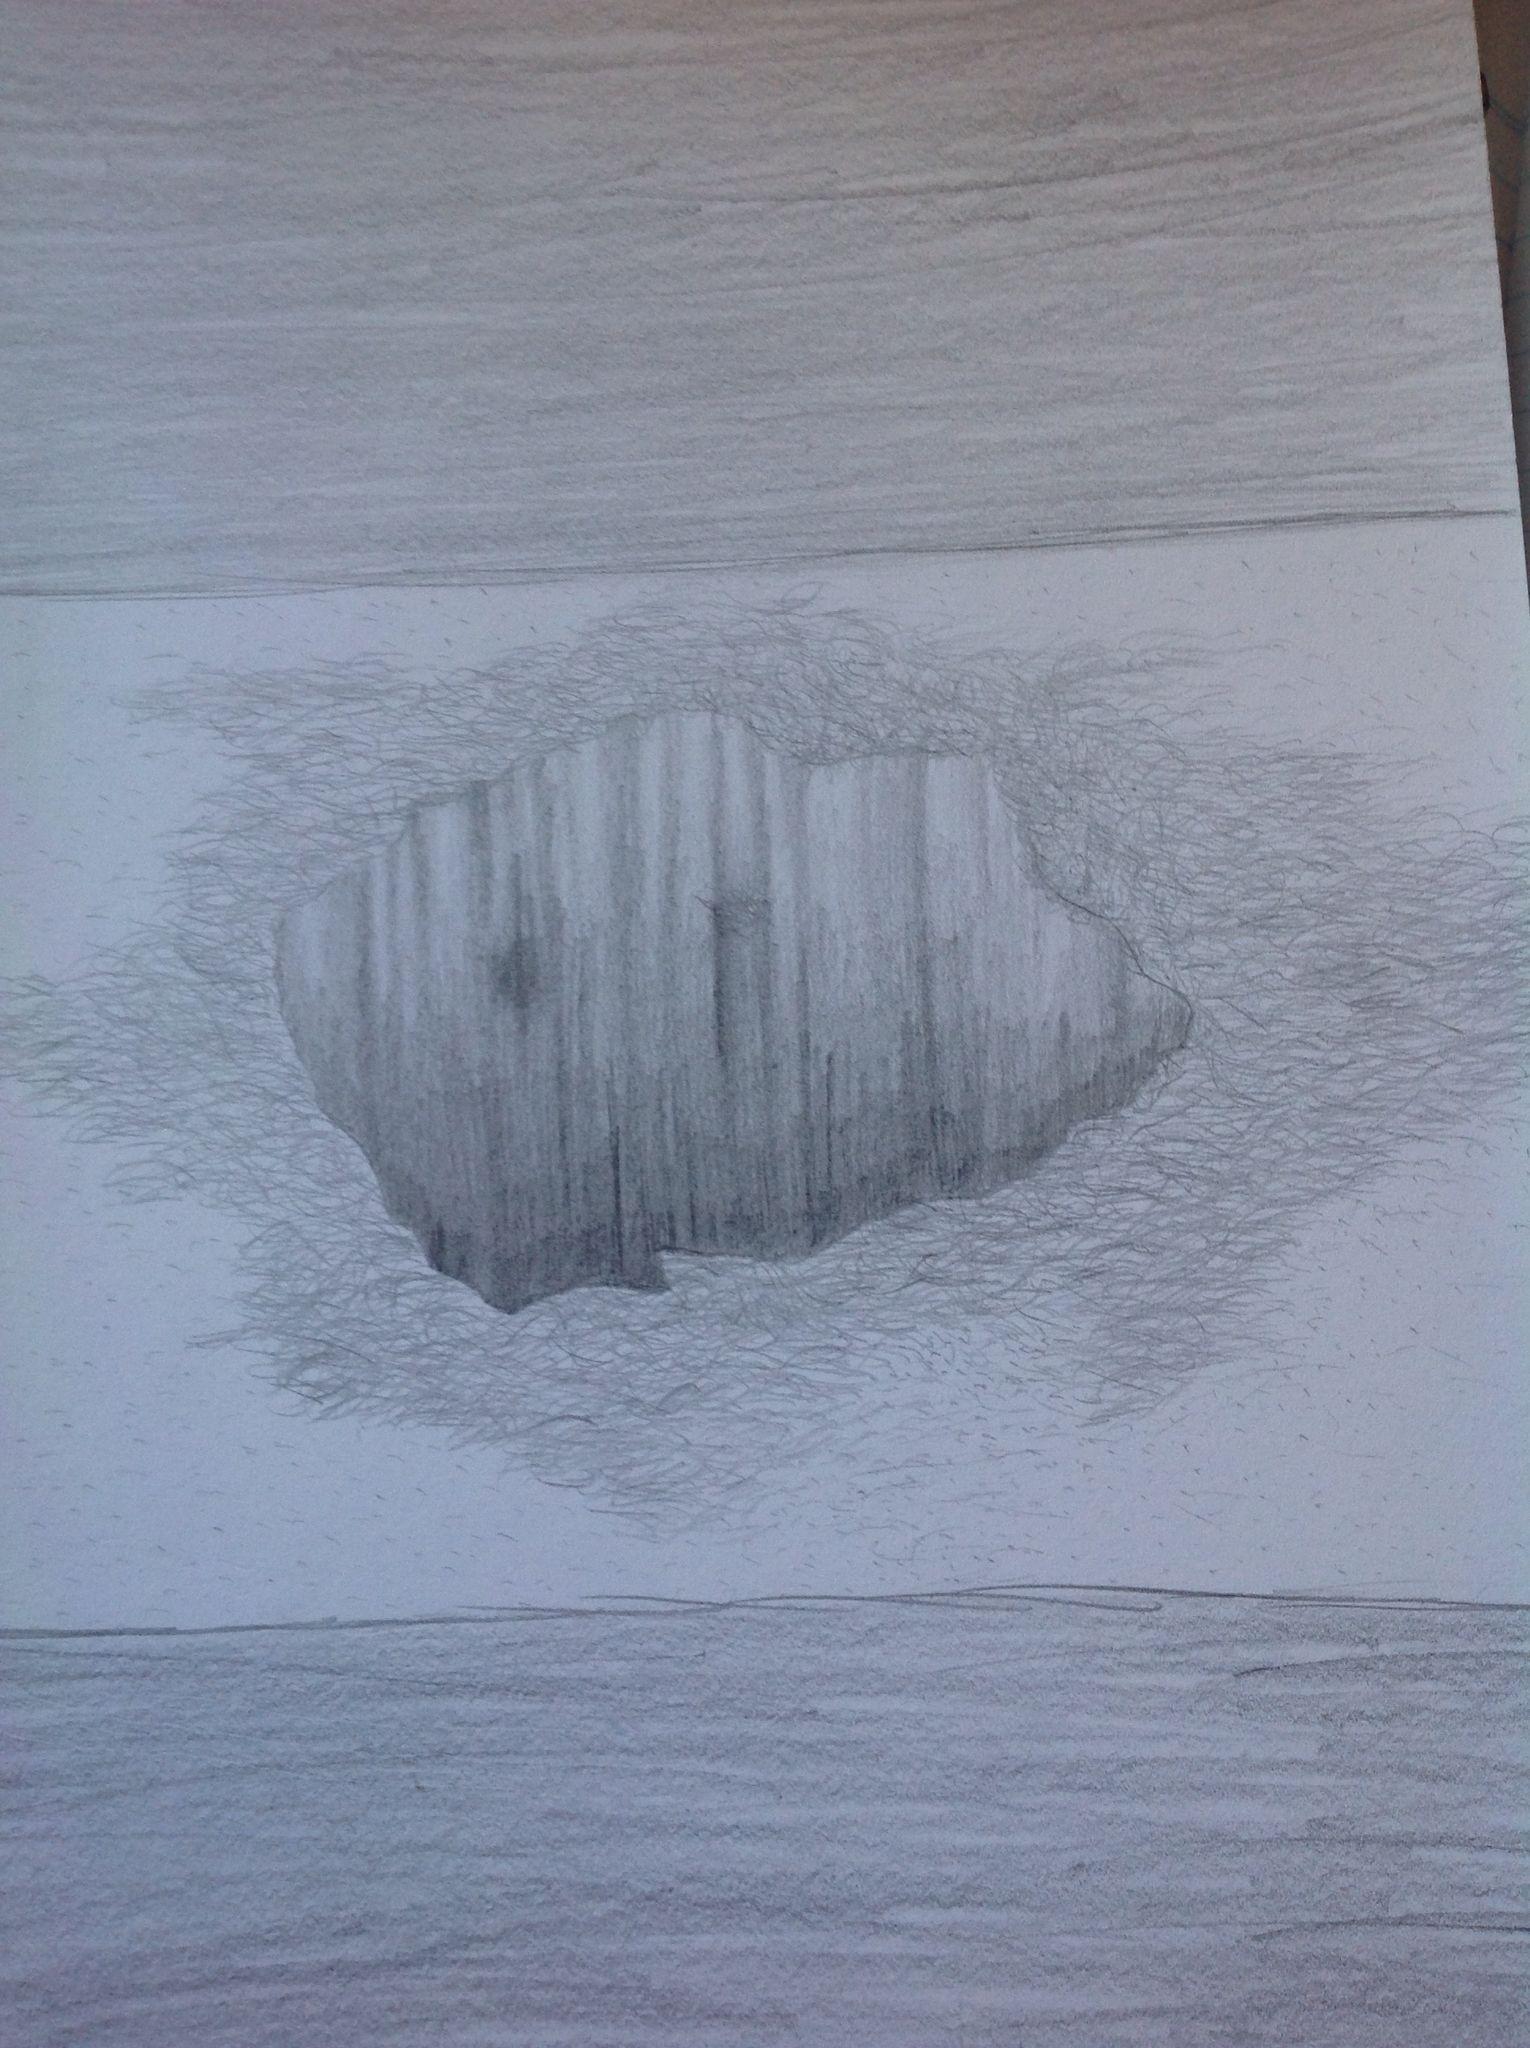 Hole - by Abby Marshall